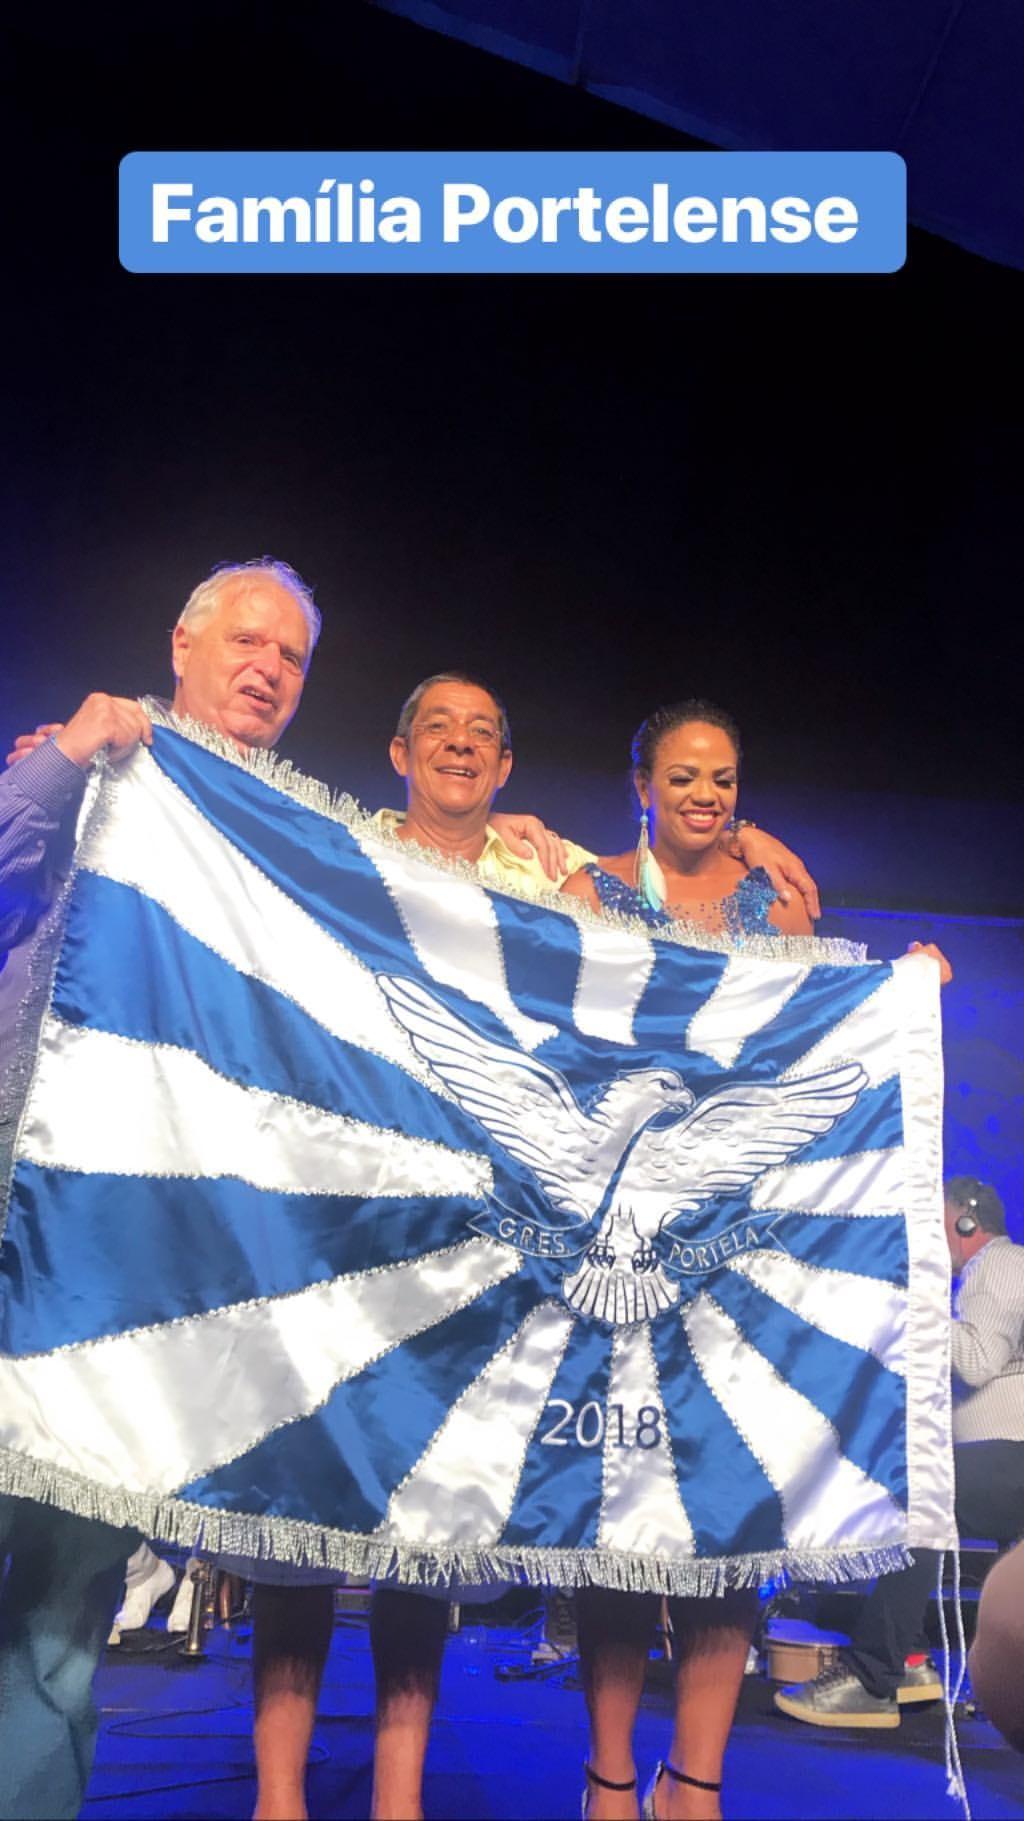 Zeca Pagodinho celebra seus 60 anos (Foto: Reprodução/Instagram)